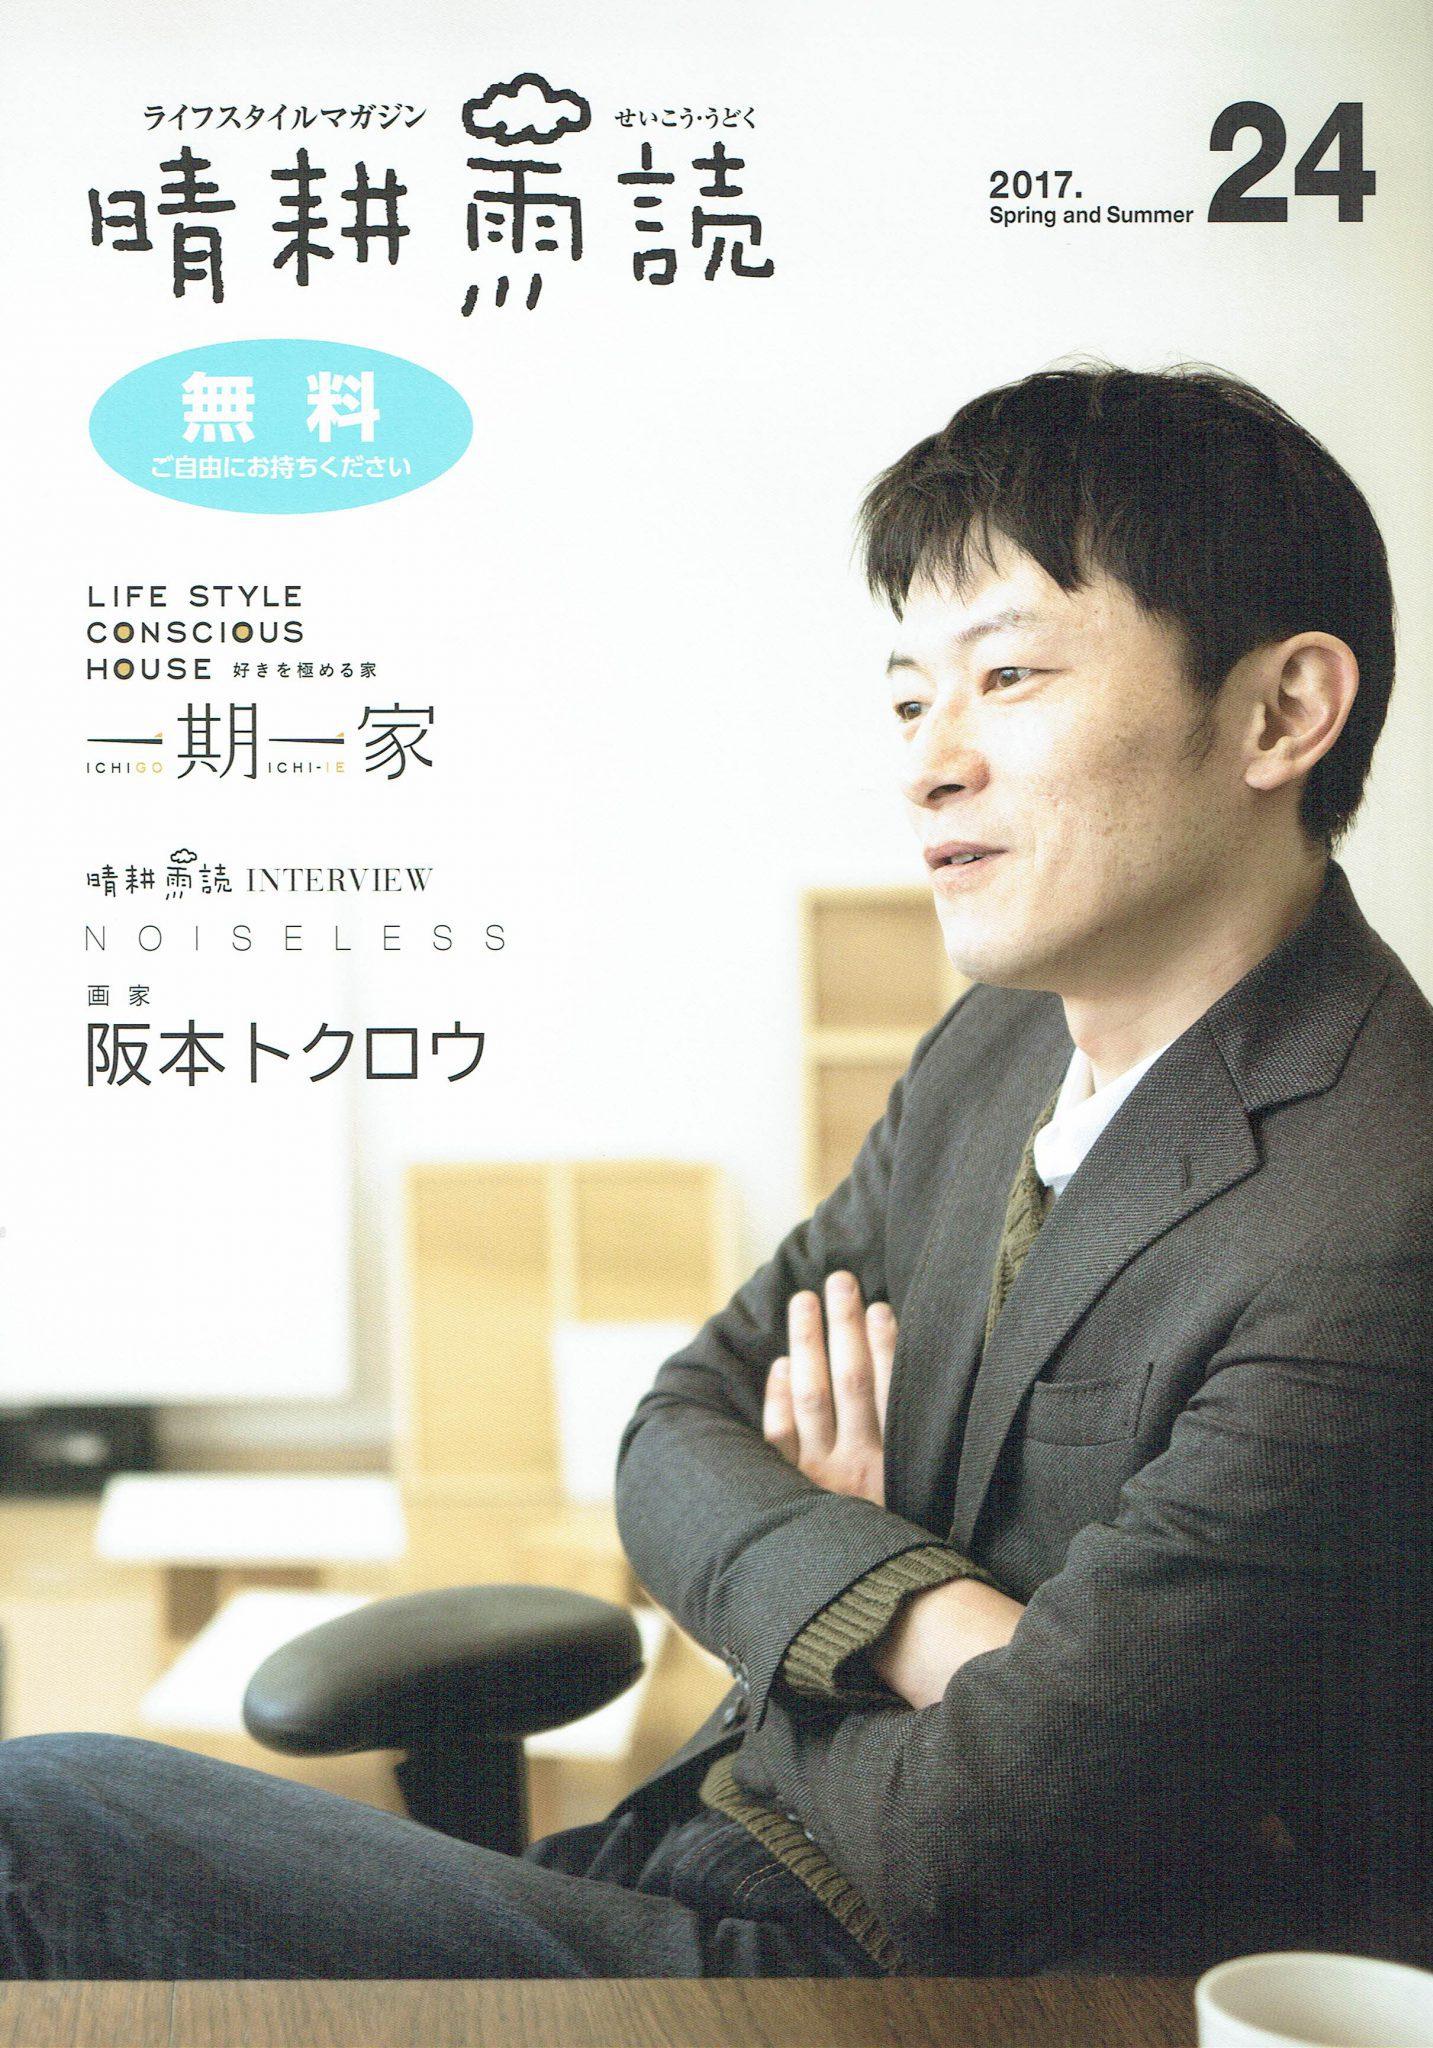 晴耕雨読24号